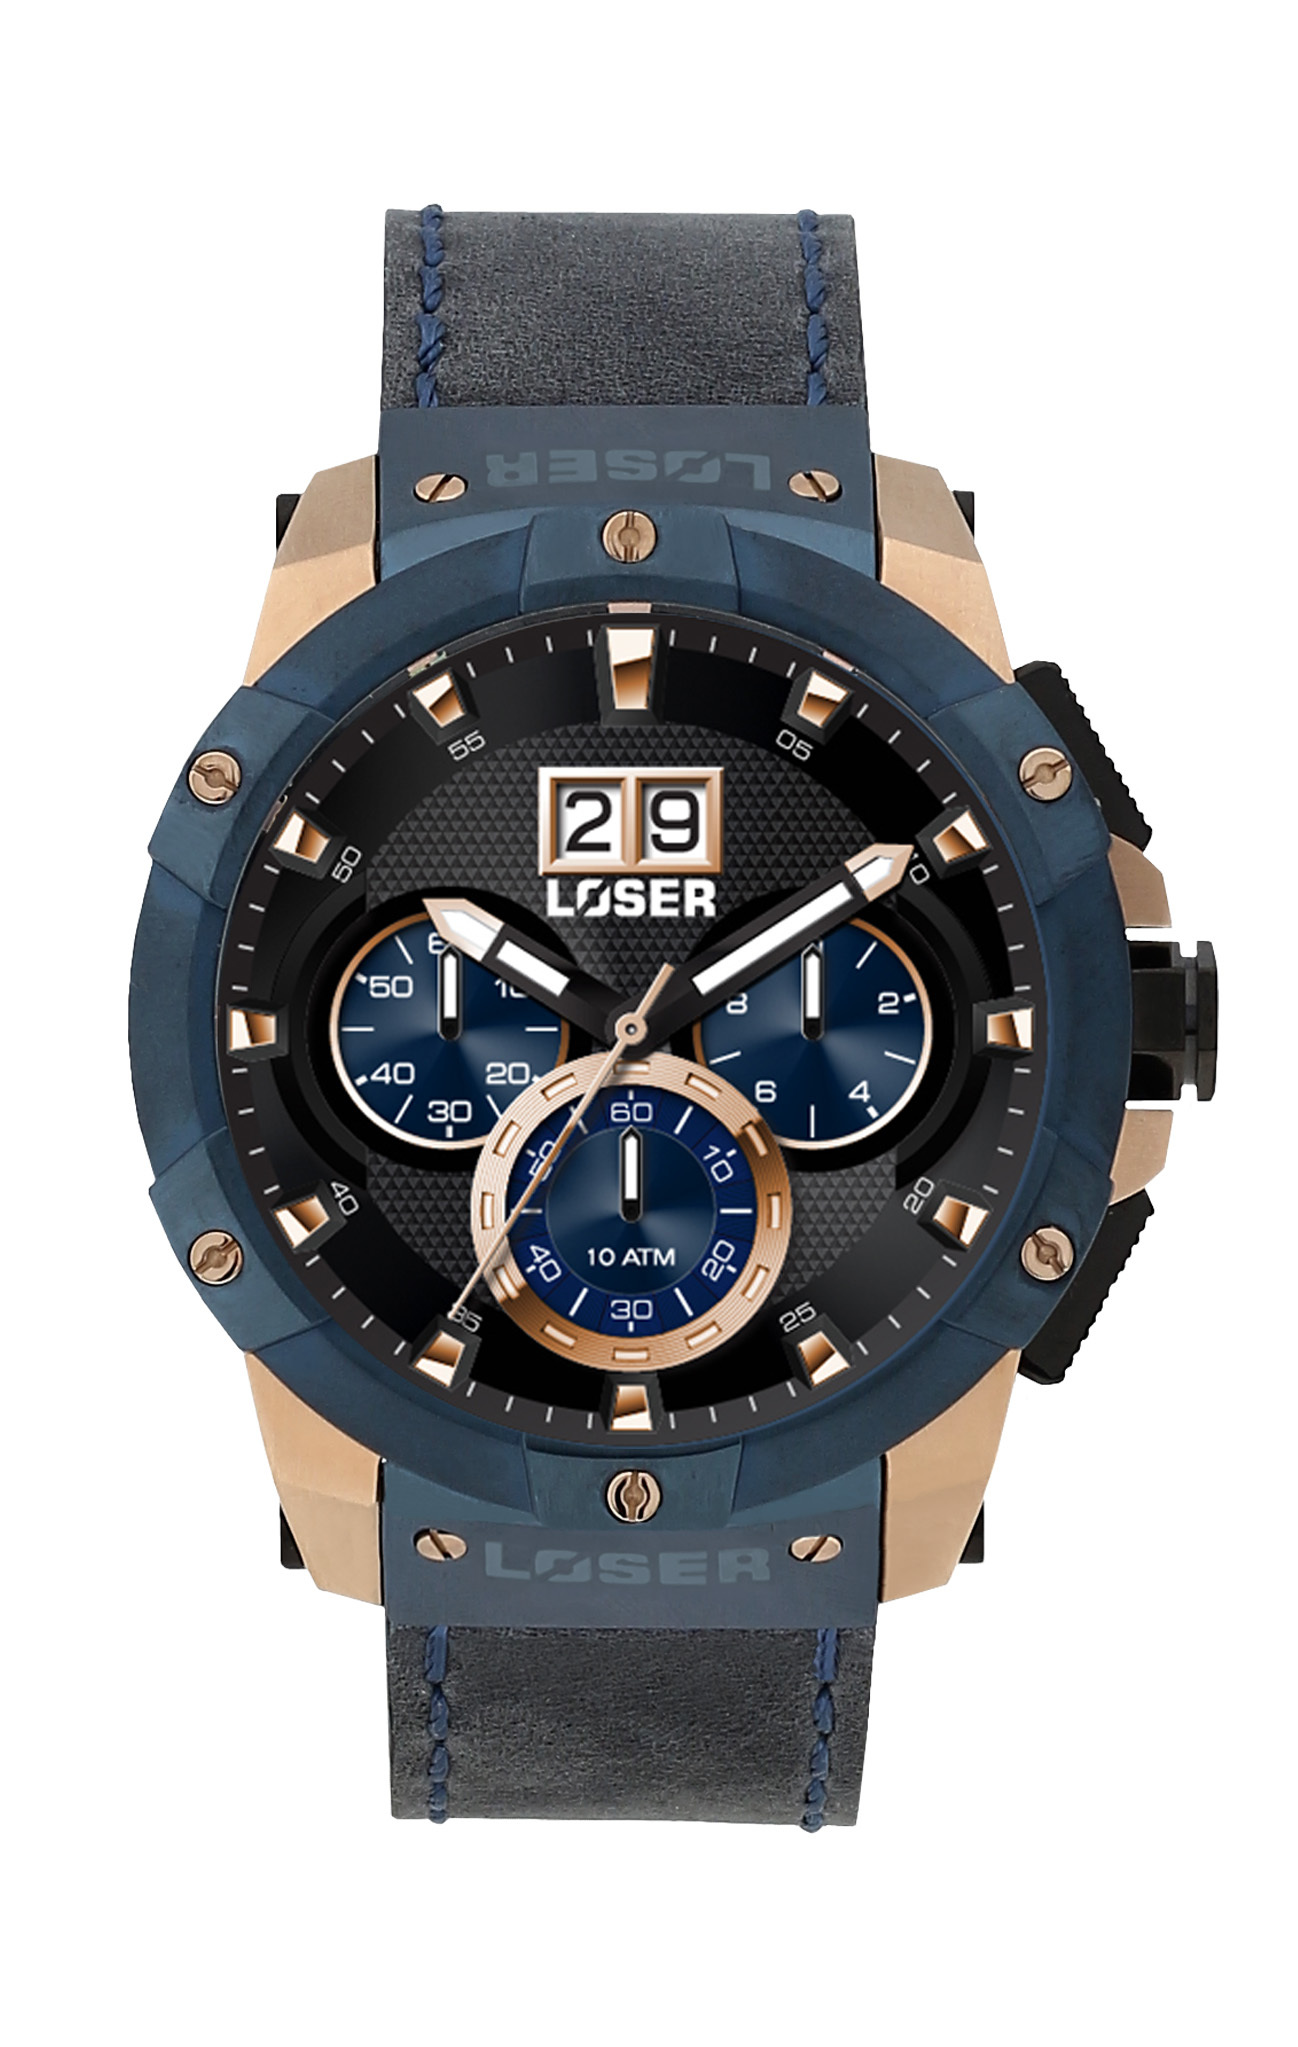 Luxusní nadčasové sportovní vodotěsné hodinky LOSER Vision NAVY BLUE LOS-V05 (POŠTOVNÉ ZDARMA!! )